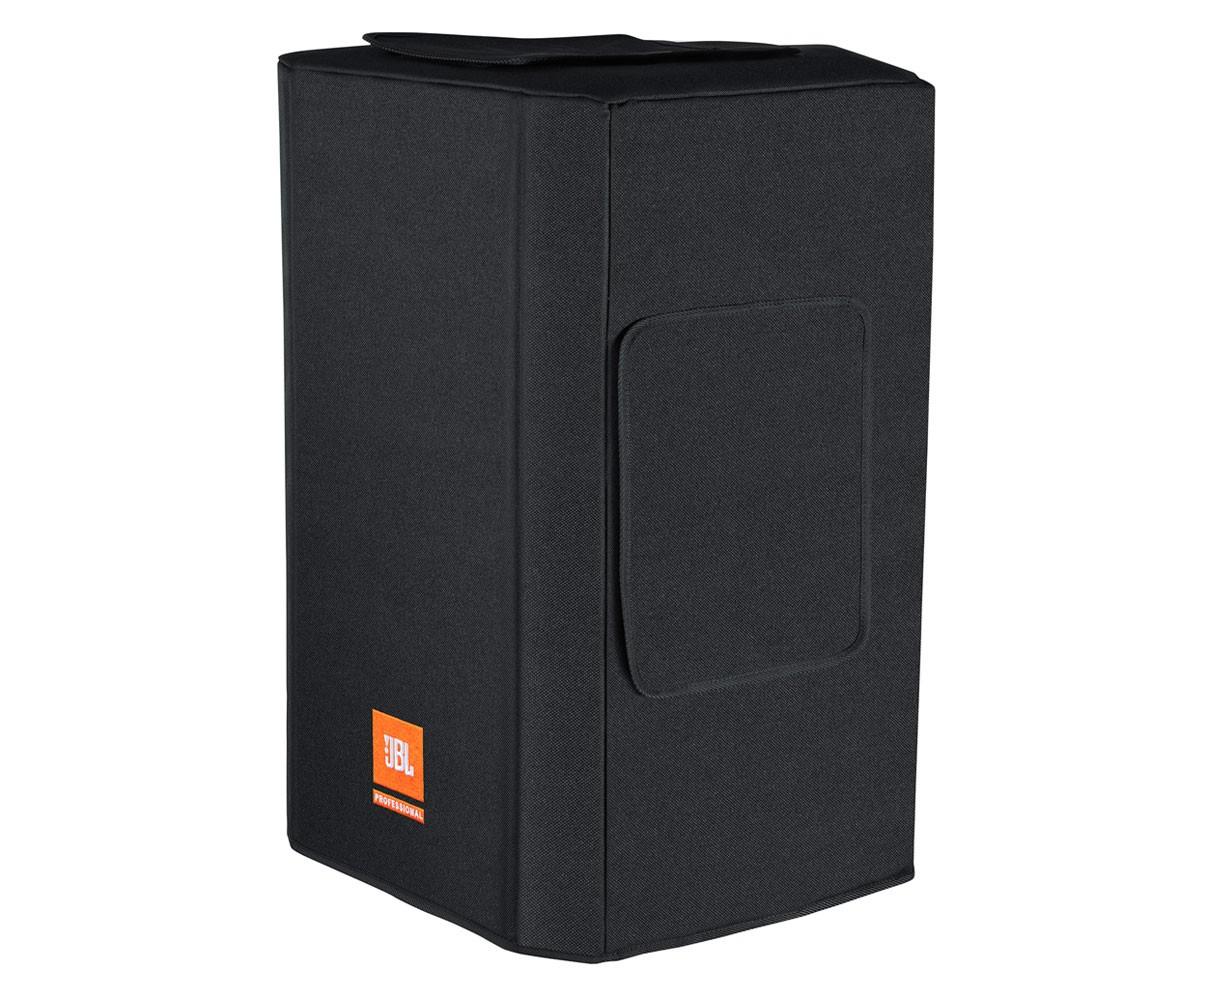 JBL Bags SRX815P-CVR-DLX